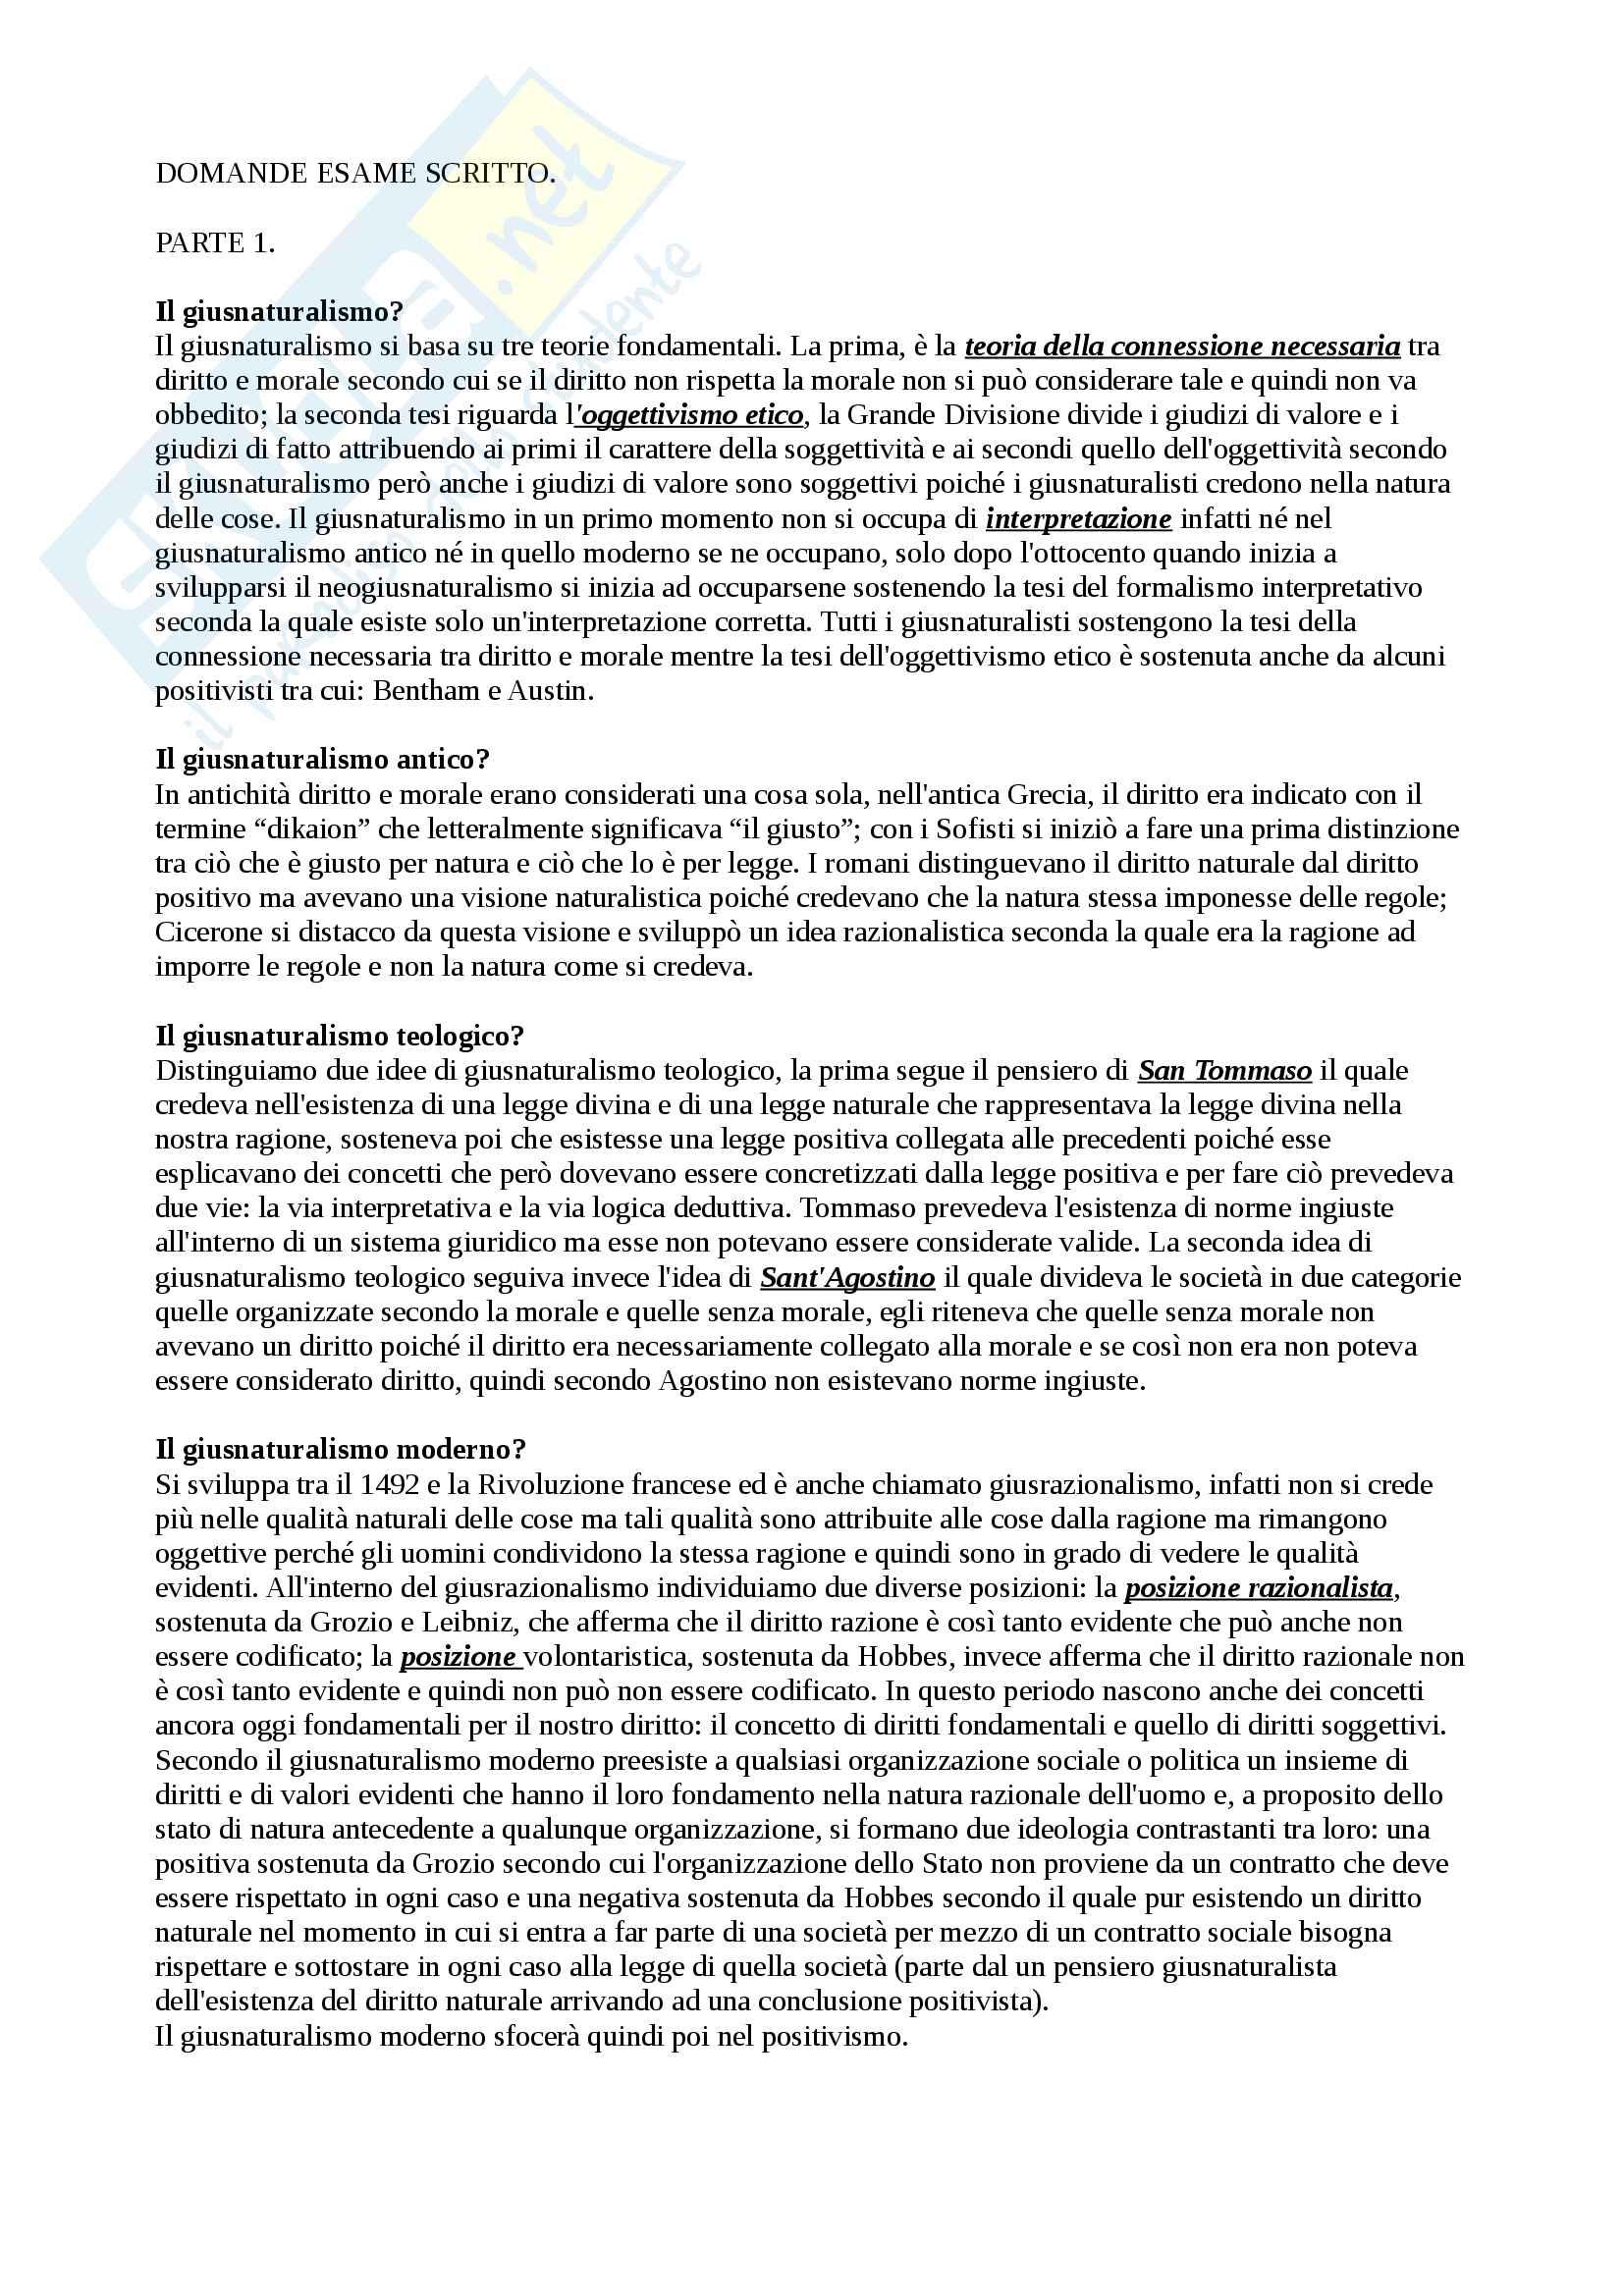 Domande e risposte (appunti) primo compito di filosofia del diritto